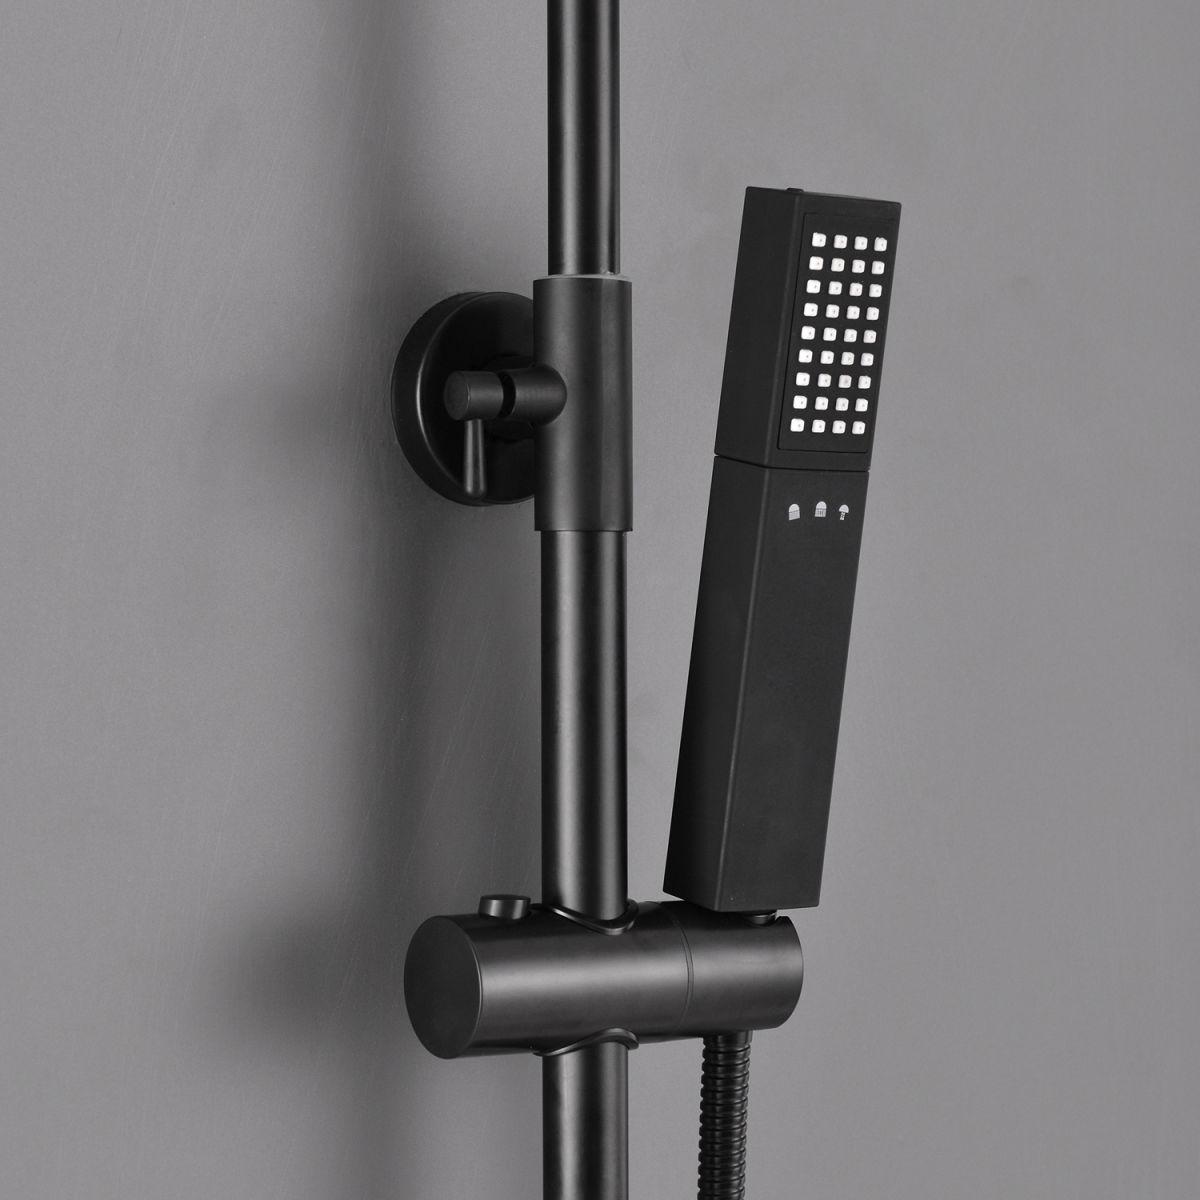 SS 02B 3 Colonna doccia termostatica